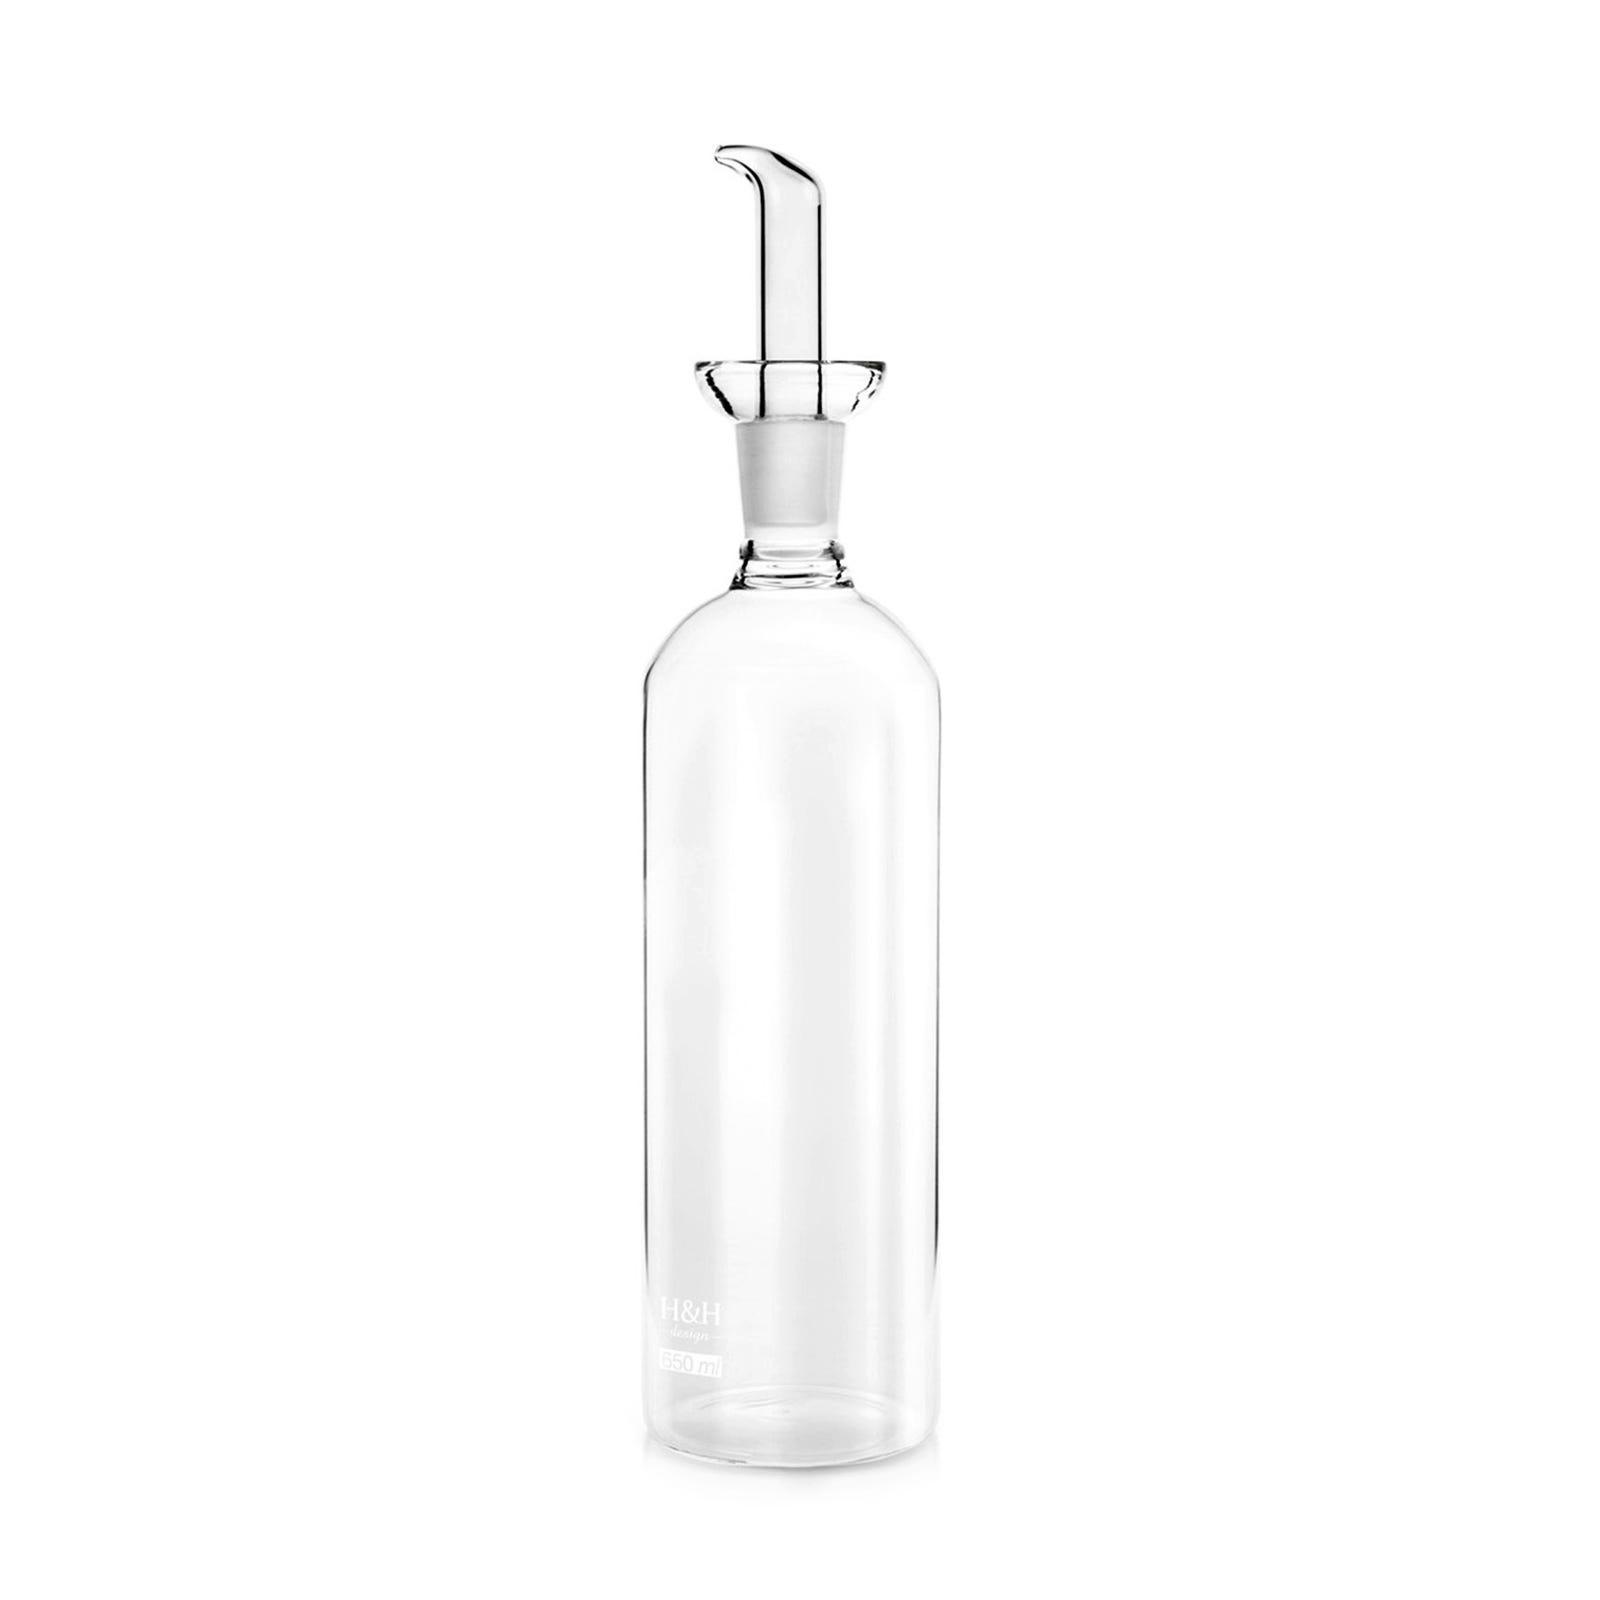 Caleffi Ampolla per condimento Trasparente Cilindric 1 Pezzo in Borosilicato